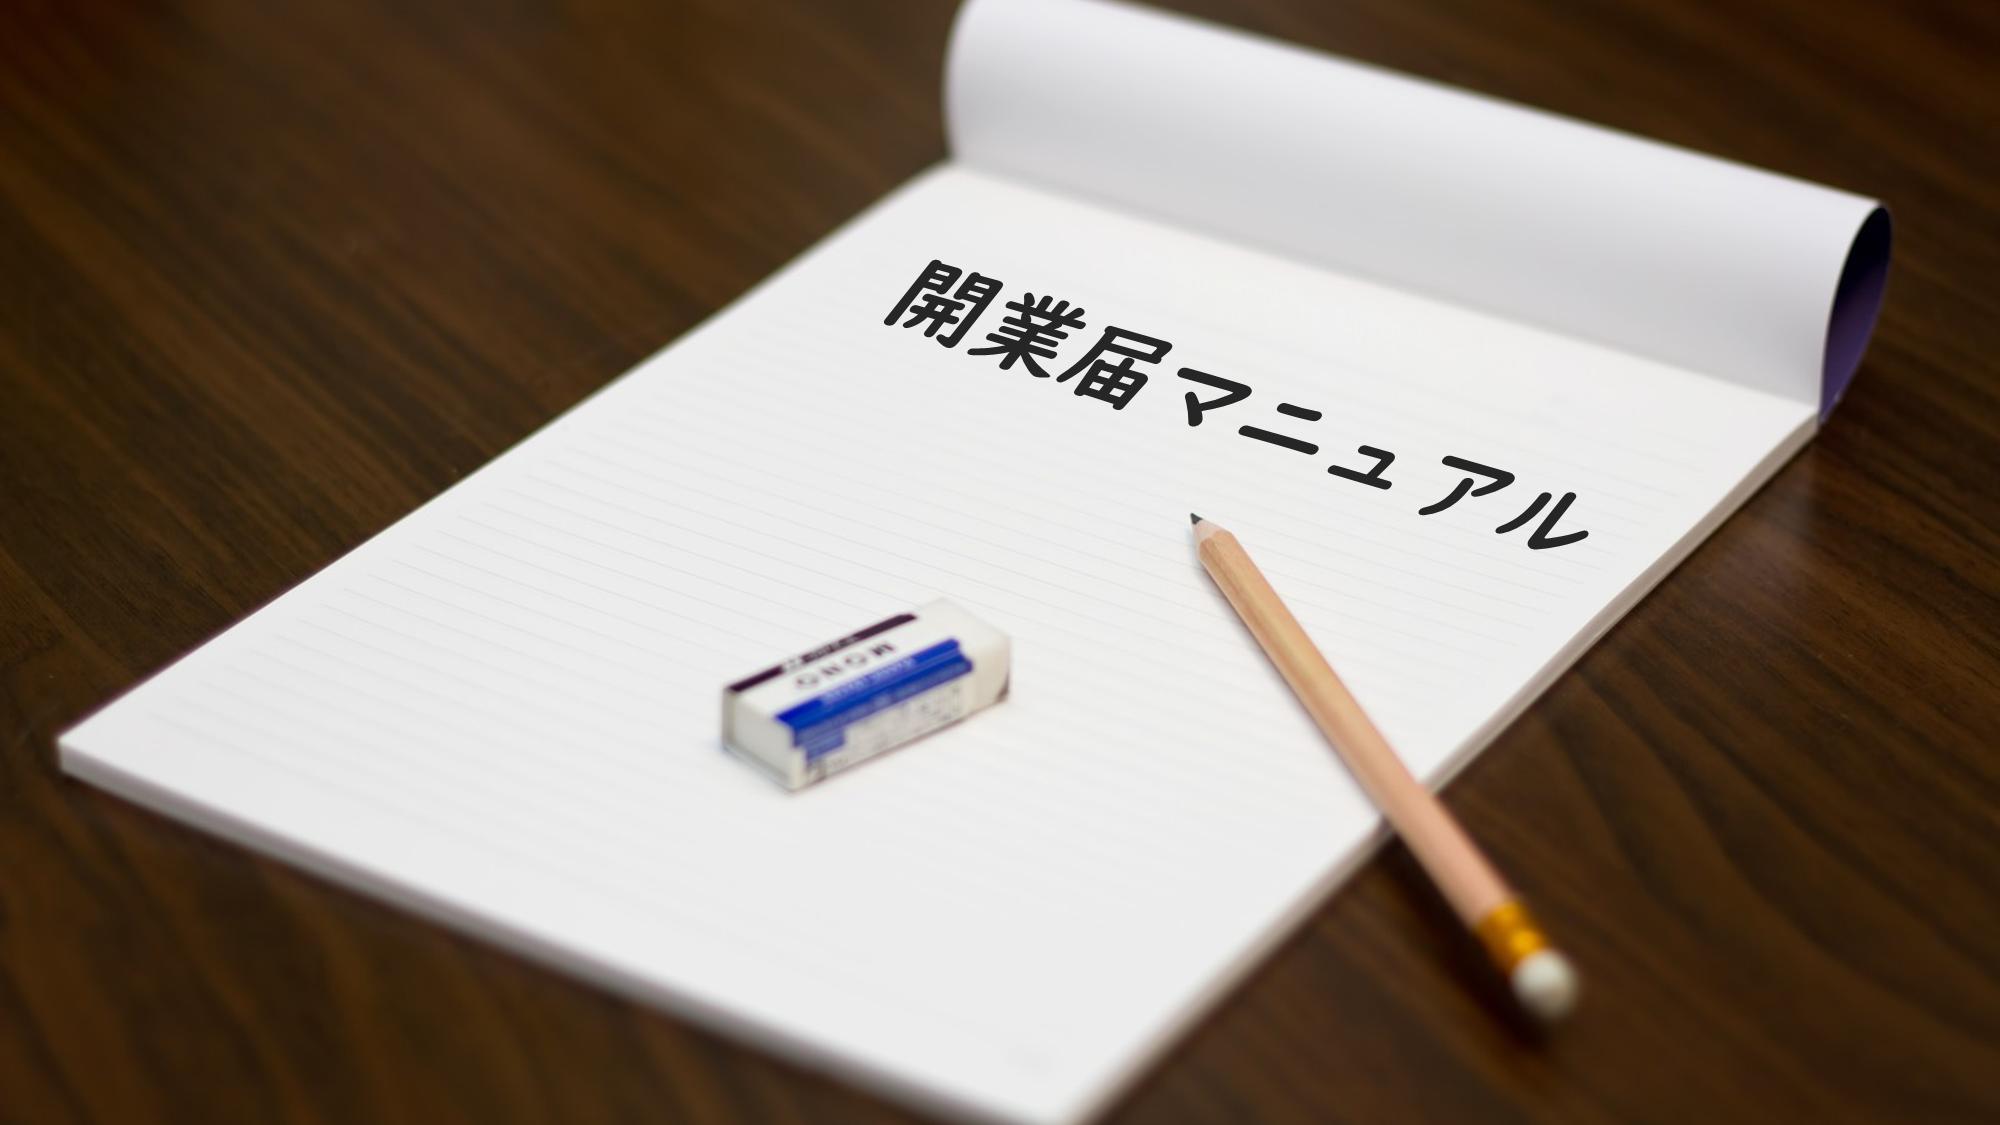 開業届を書いて提出するまでの流れ|書き方や必要書類まとめ